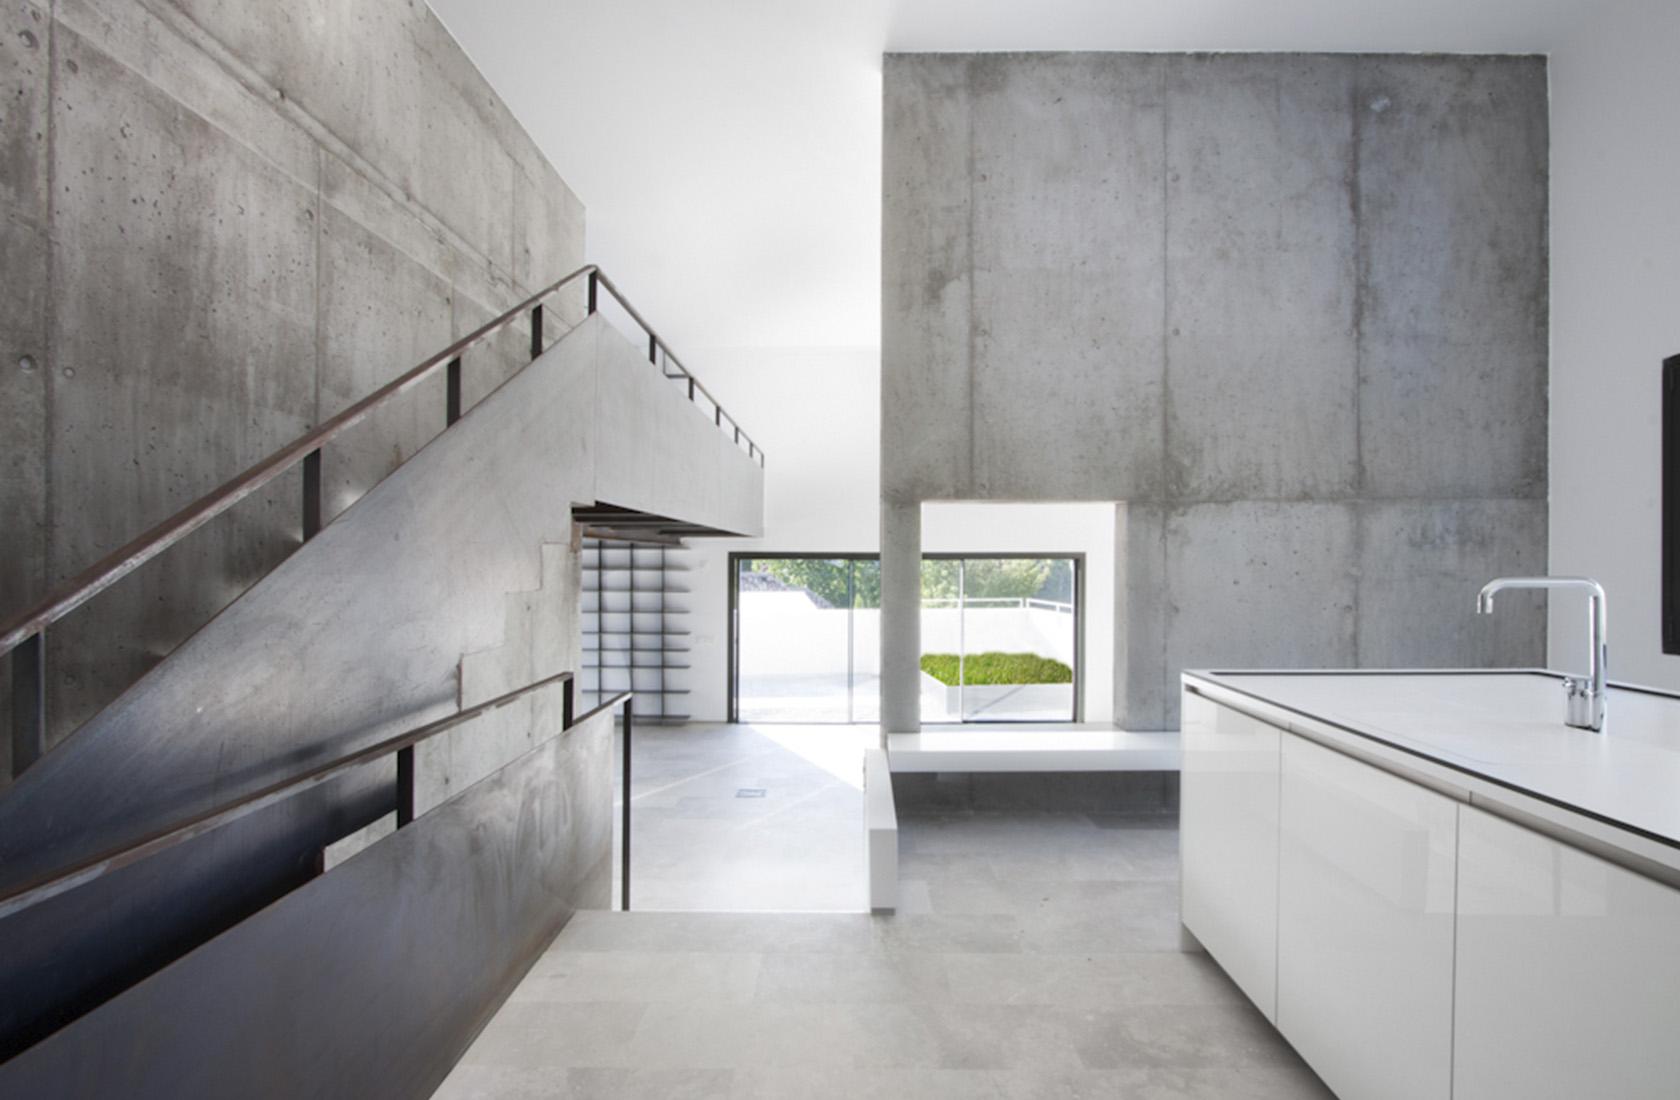 Promocion viviendas aravaca cocina escalera